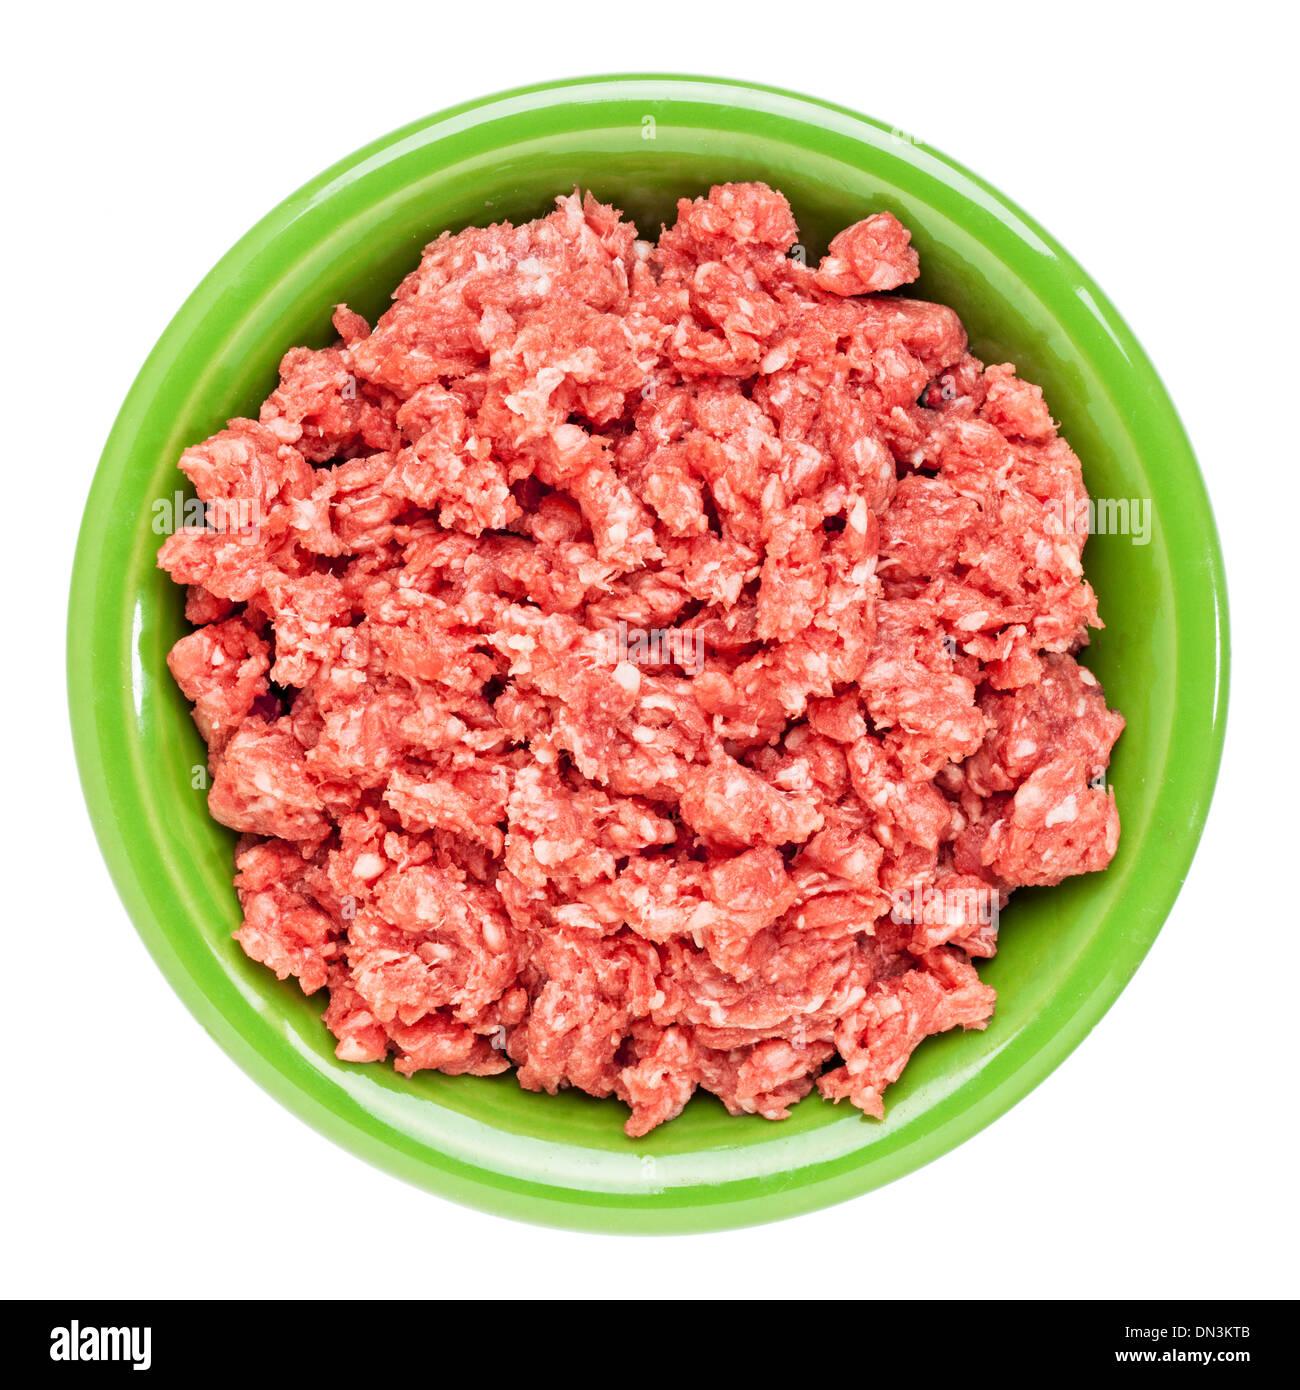 Faible taux de cholestérol, nourris d'herbe, de la viande de bison au sol en céramique bol isolated on white Photo Stock